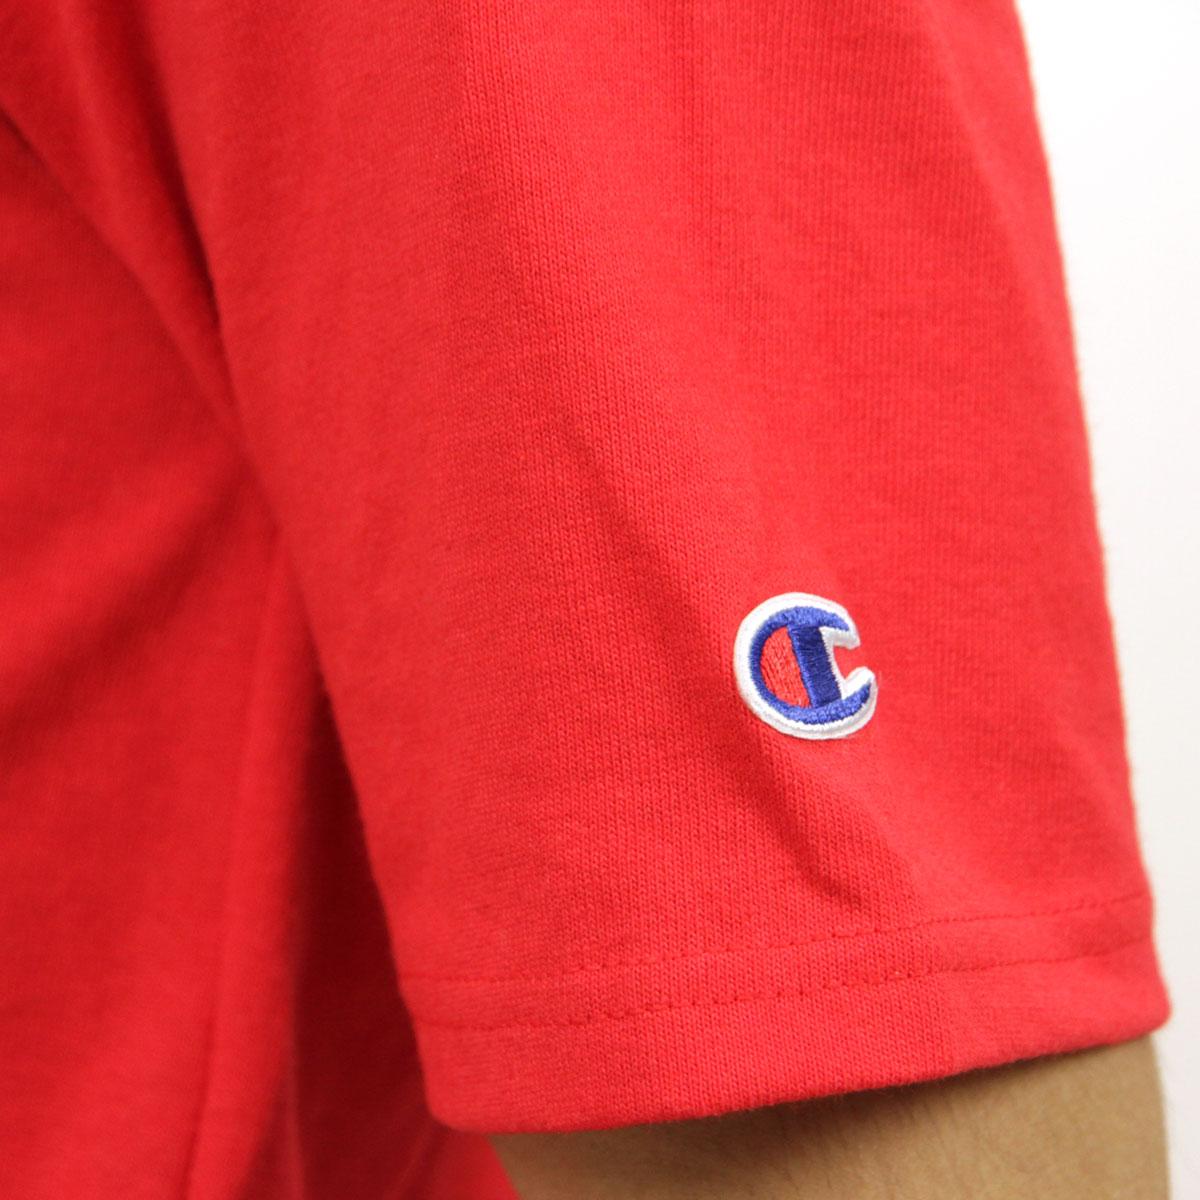 チャンピオン CHAMPION 正規品 メンズ 半袖Tシャツ CREW TEE T1919P Heritage Tee W3J-TEAMREDSCARLET #549500 PATRIOTIC C